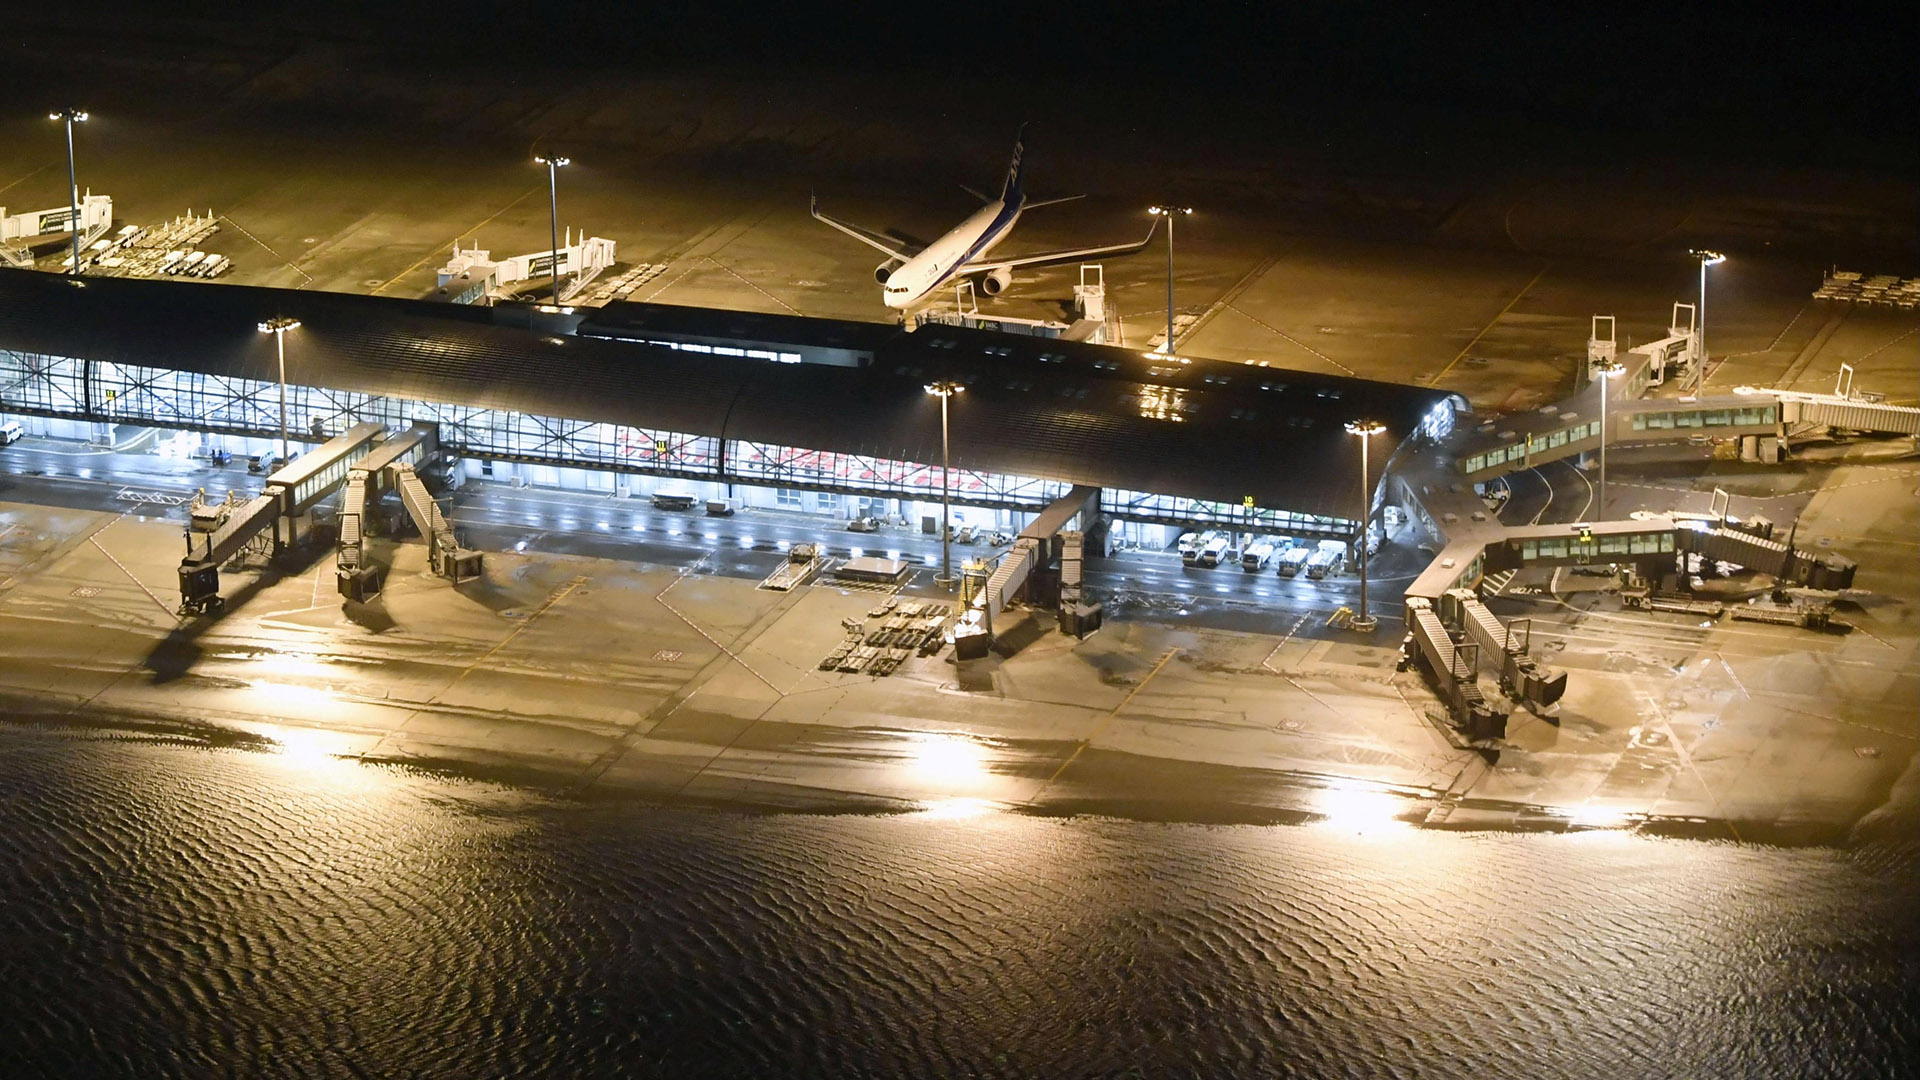 El aeropuerto de Kansai, inundado. El martes se suspendieron 800 vuelos, y otros 160 se cancelaron este miércoles (Reuters)